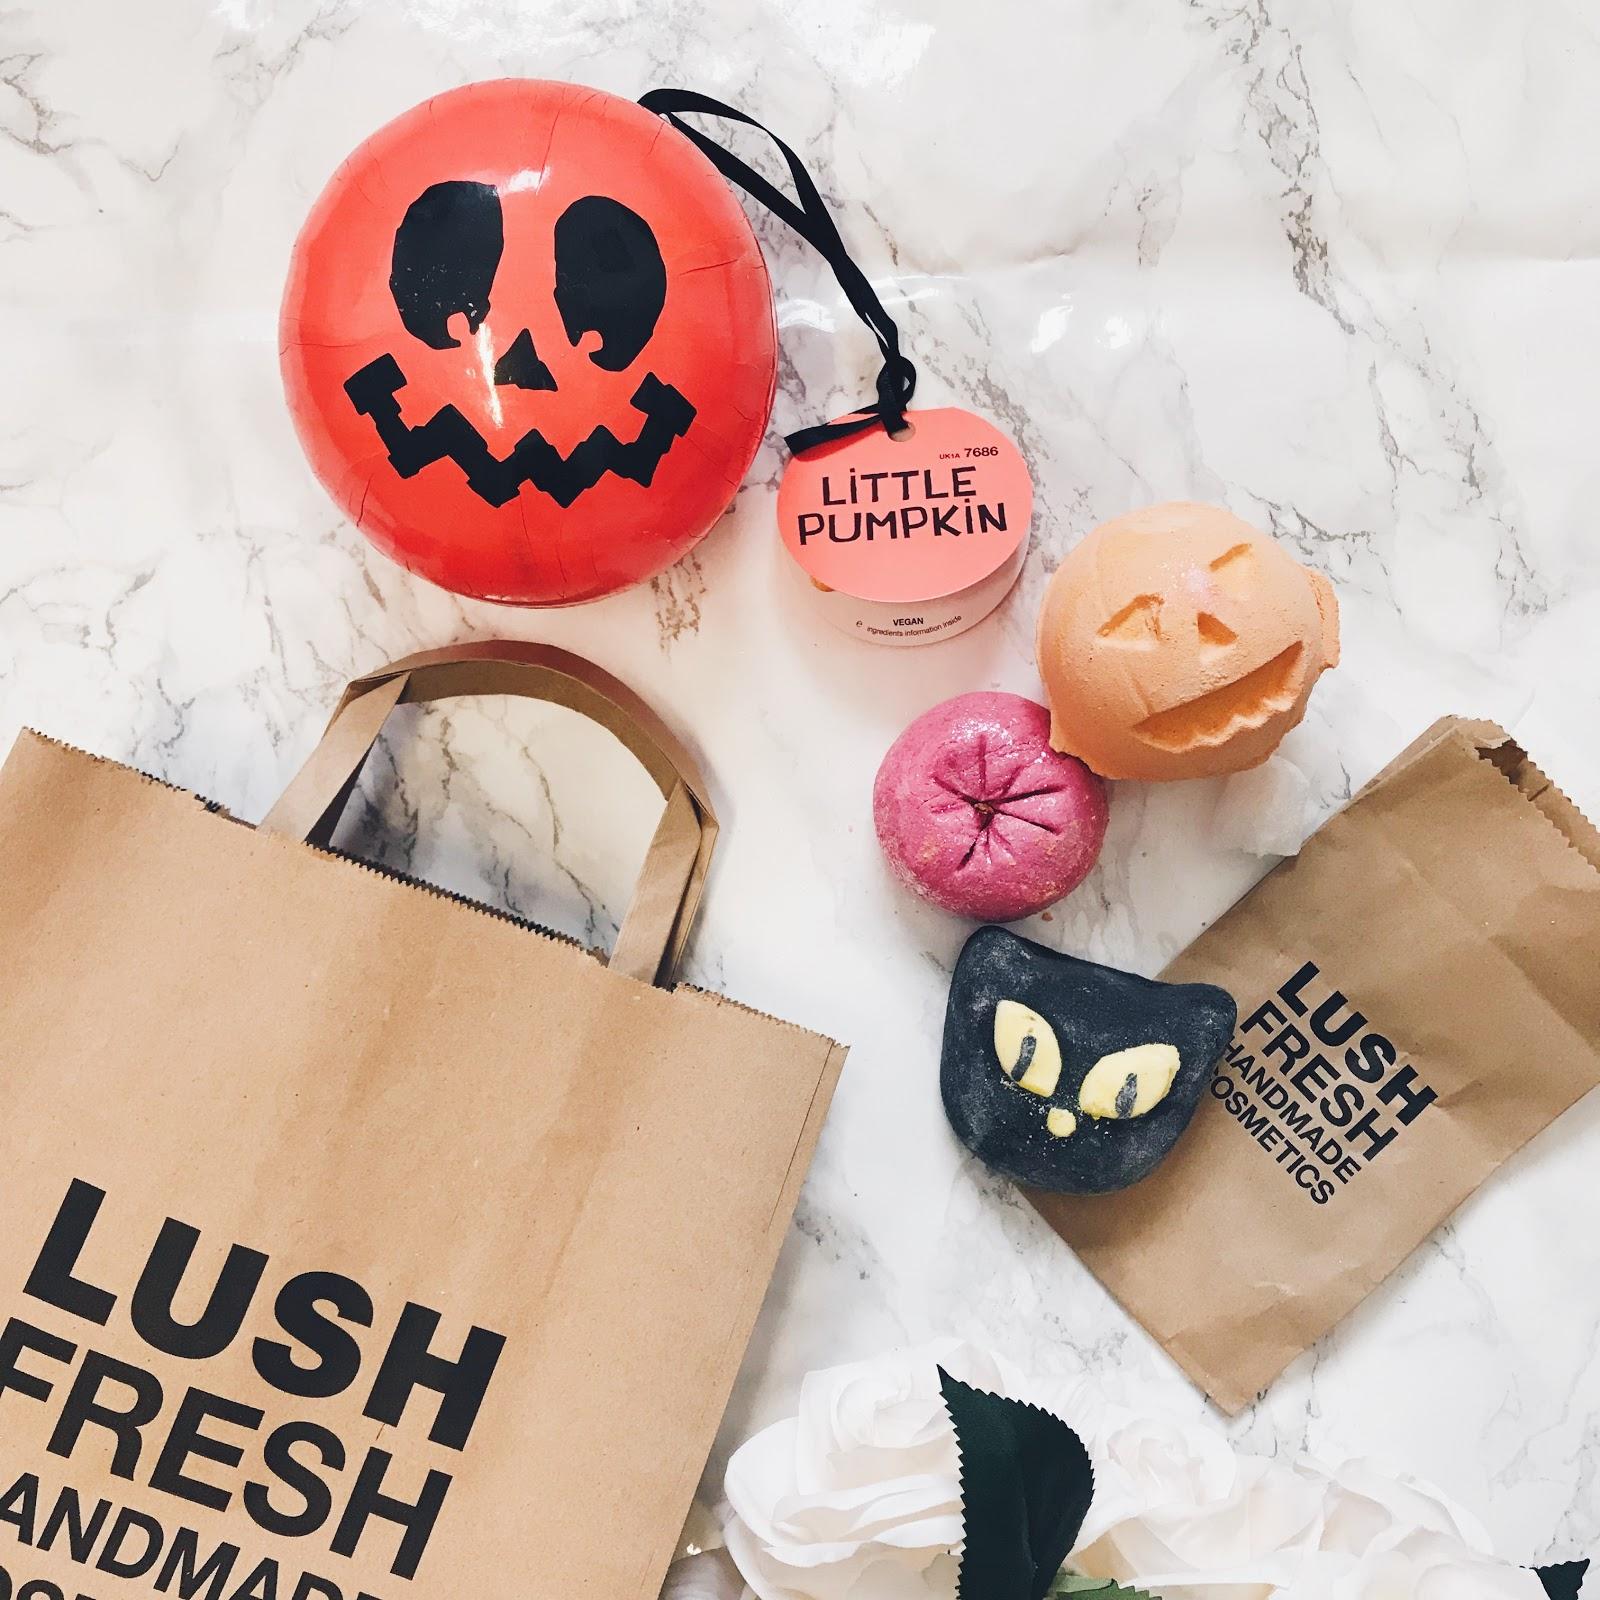 halloween little pumpkin lush gift set